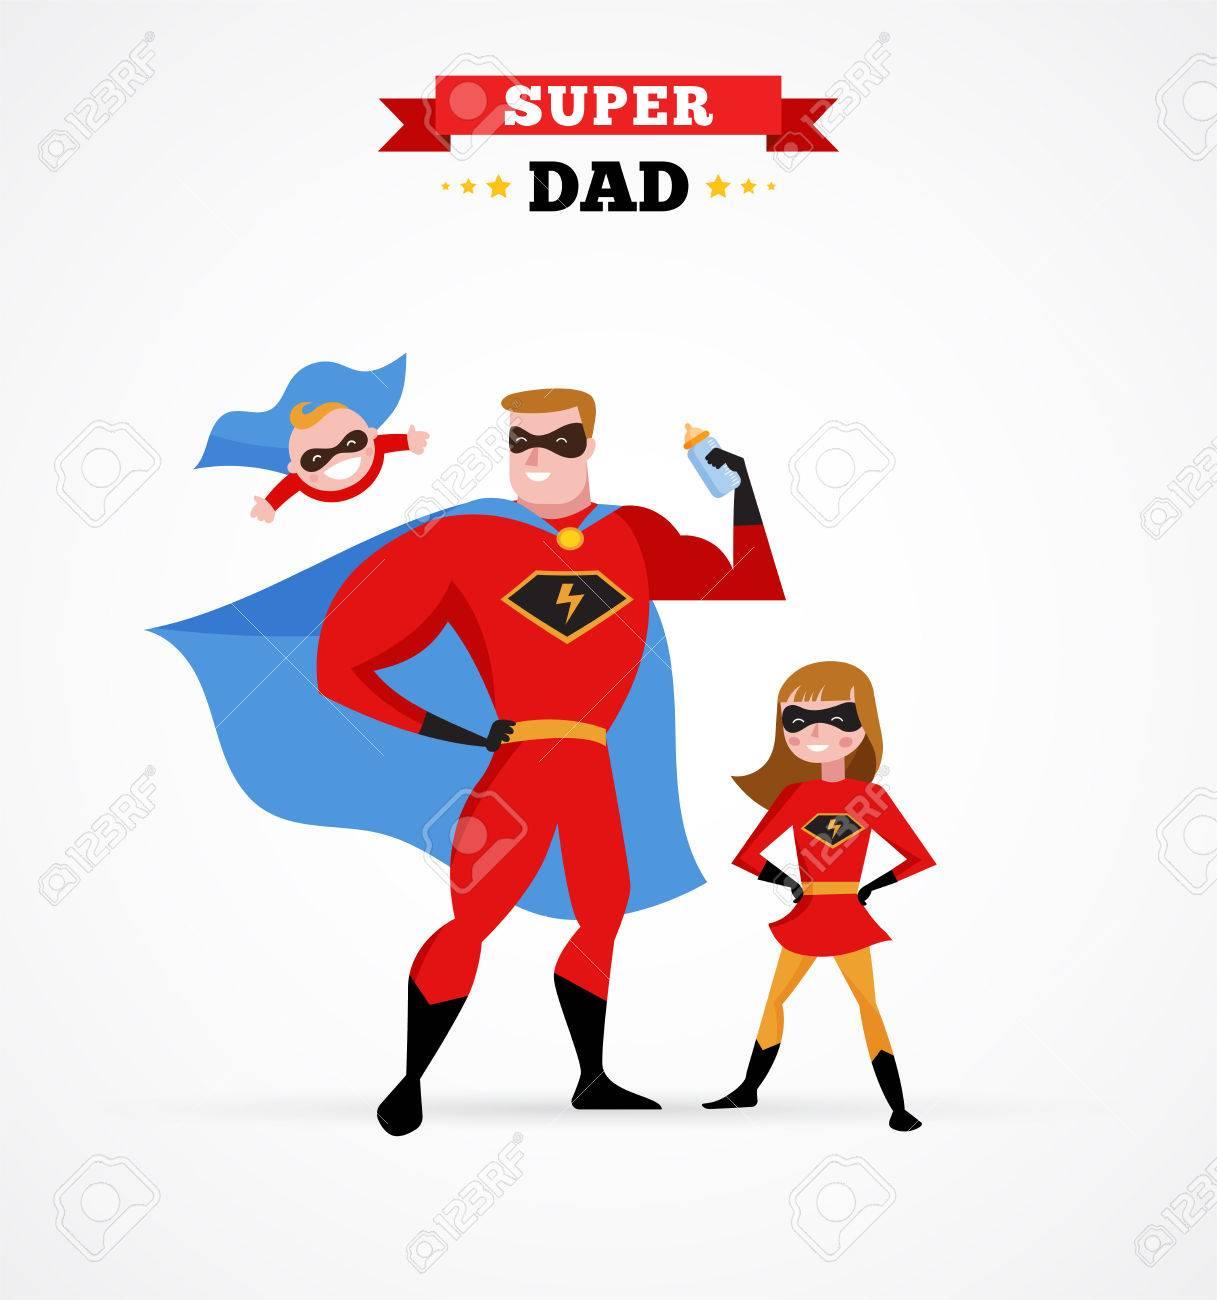 Super Papa Amusant De Faire En Costume De Super Heros Avec Des Enfants Clip Art Libres De Droits Vecteurs Et Illustration Image 52823912